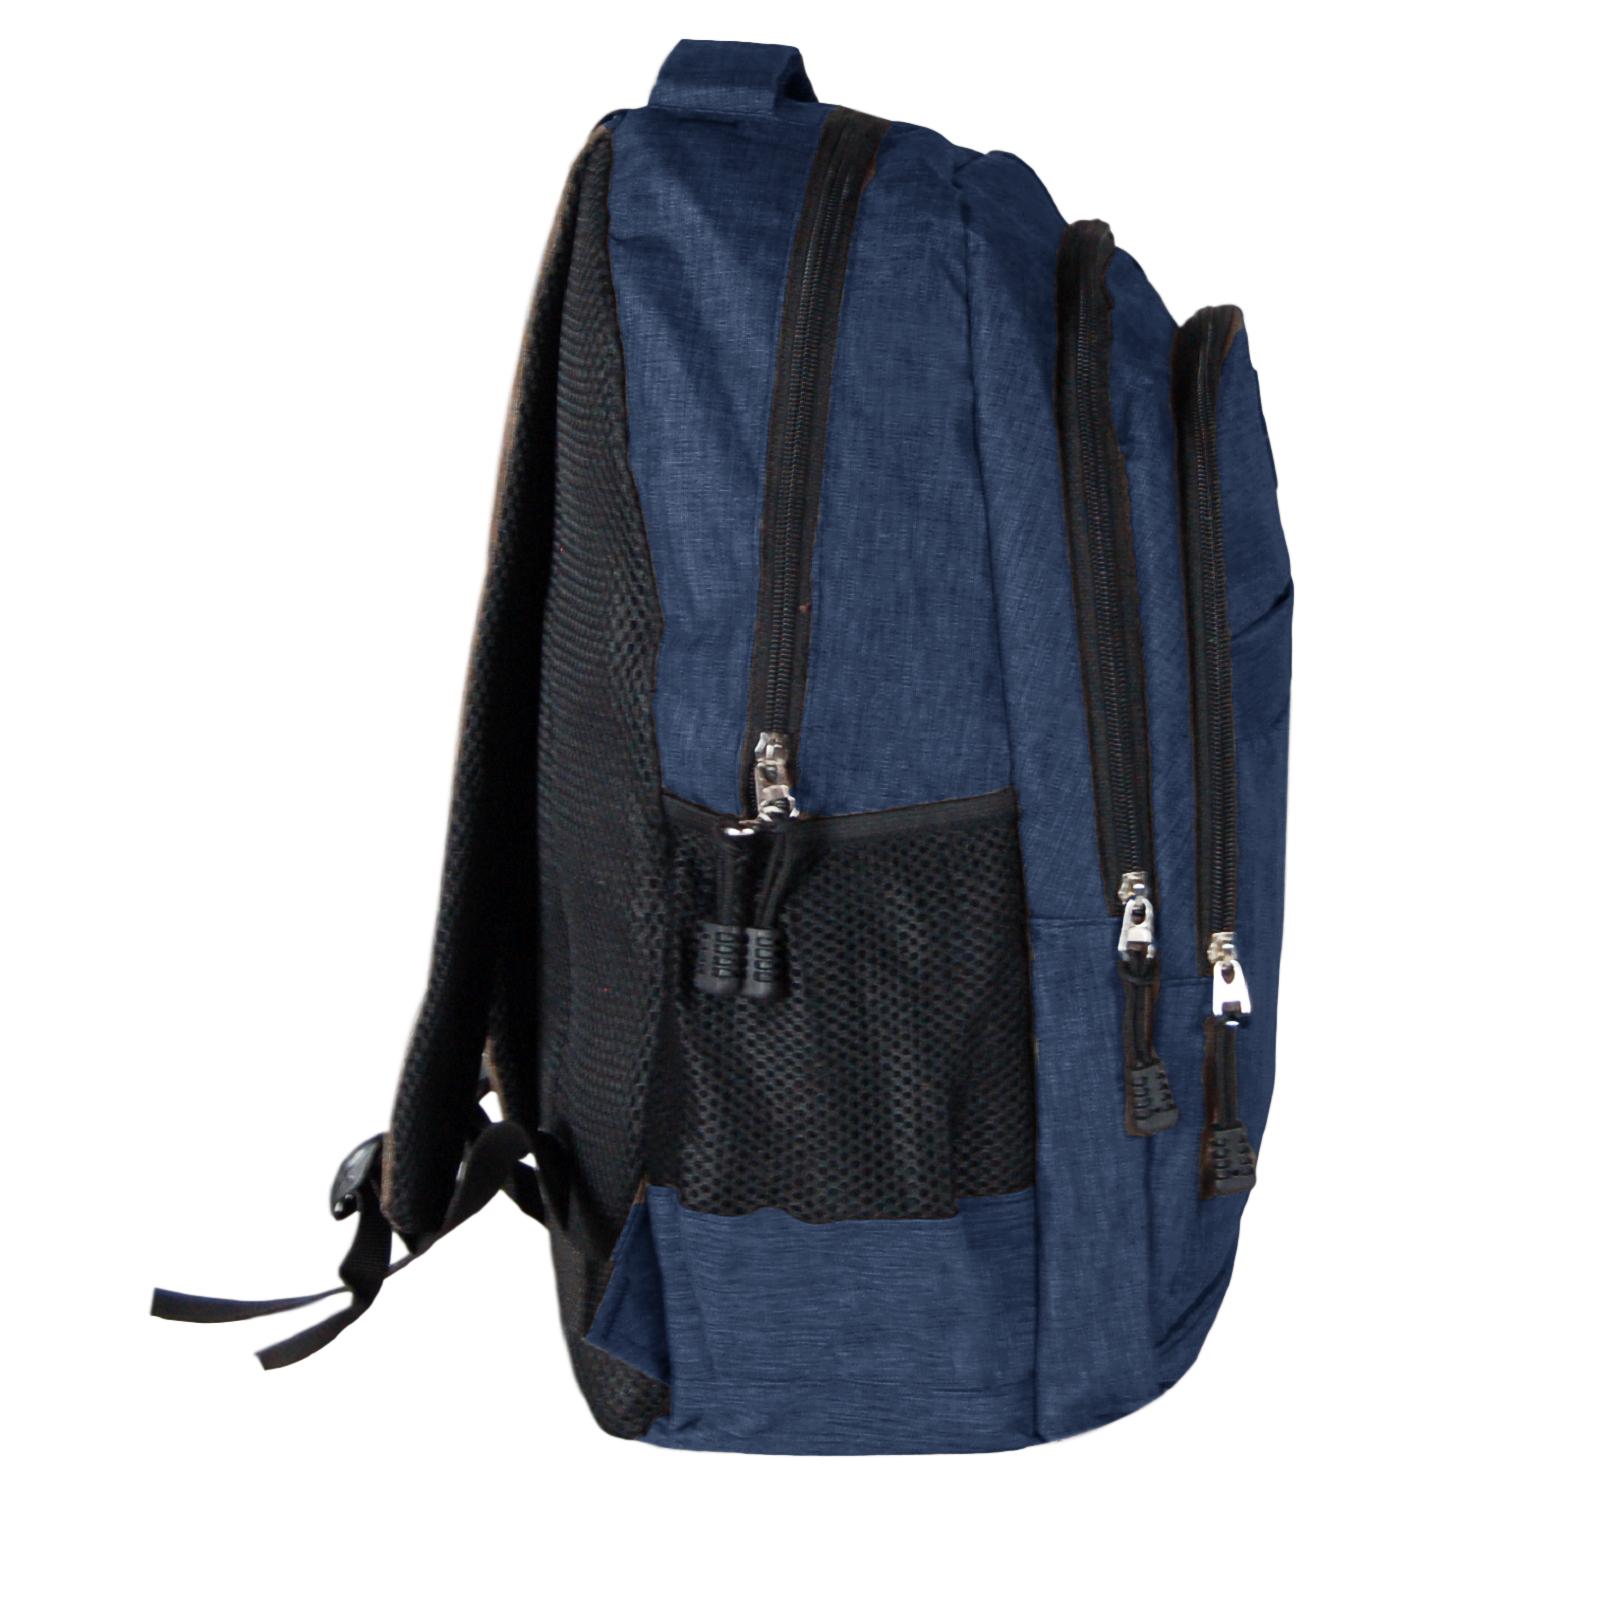 Zaino-Uomo-Donna-Porta-USB-Multitasche-Viaggio-Rosso-Blu-Nero-Grigio miniatura 19